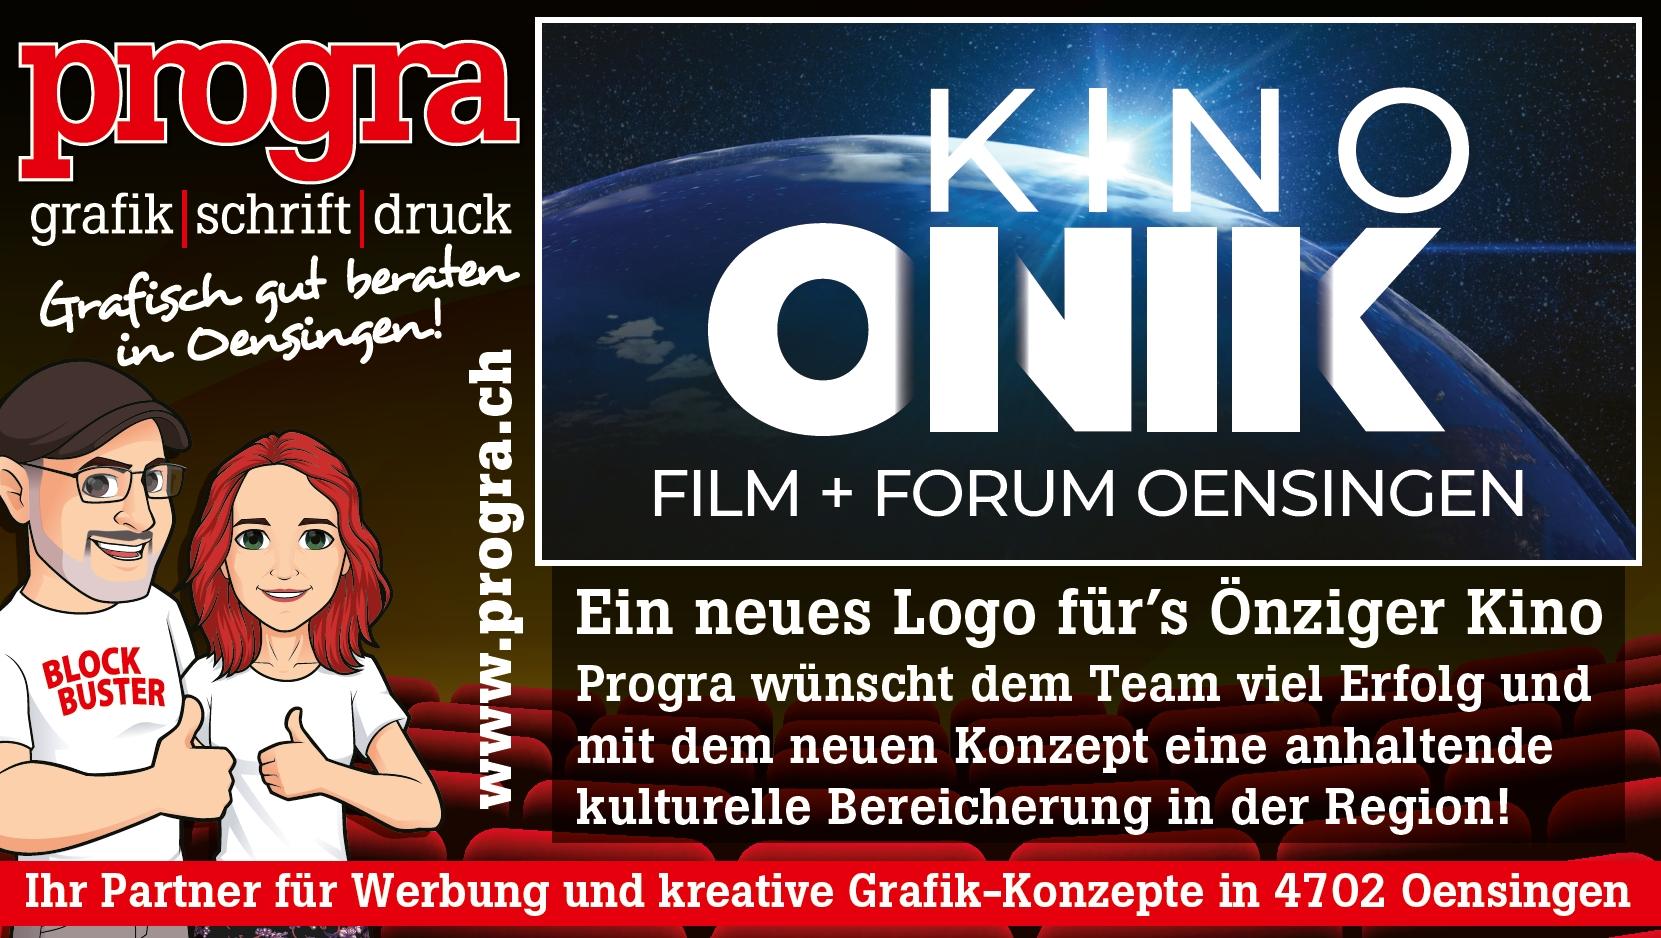 Kino Onik mit neuem Logo unterwegs